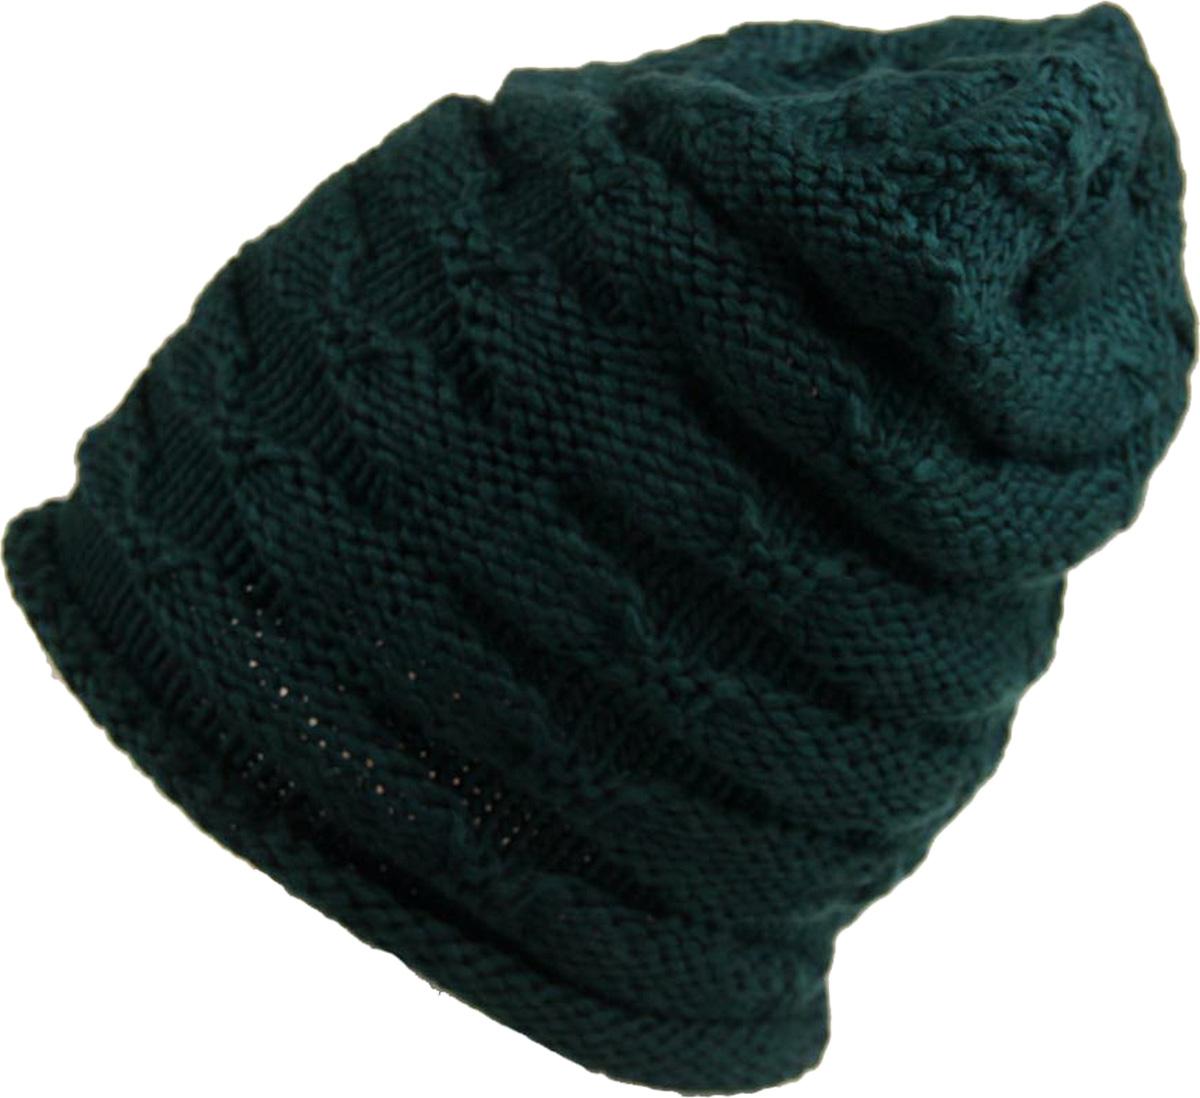 Шапка женская Venera, цвет: зеленый. 9806156-14. Размер универсальный9806156-14 ШапкаСочетание простой и декоративной вязки создает уникальное изделие. Выпуклый вязаный принт привлекает внимание своей необычностью. С такой шапочкой вы будете выглядеть стильно. Модель представлена в нескольких расцветках.